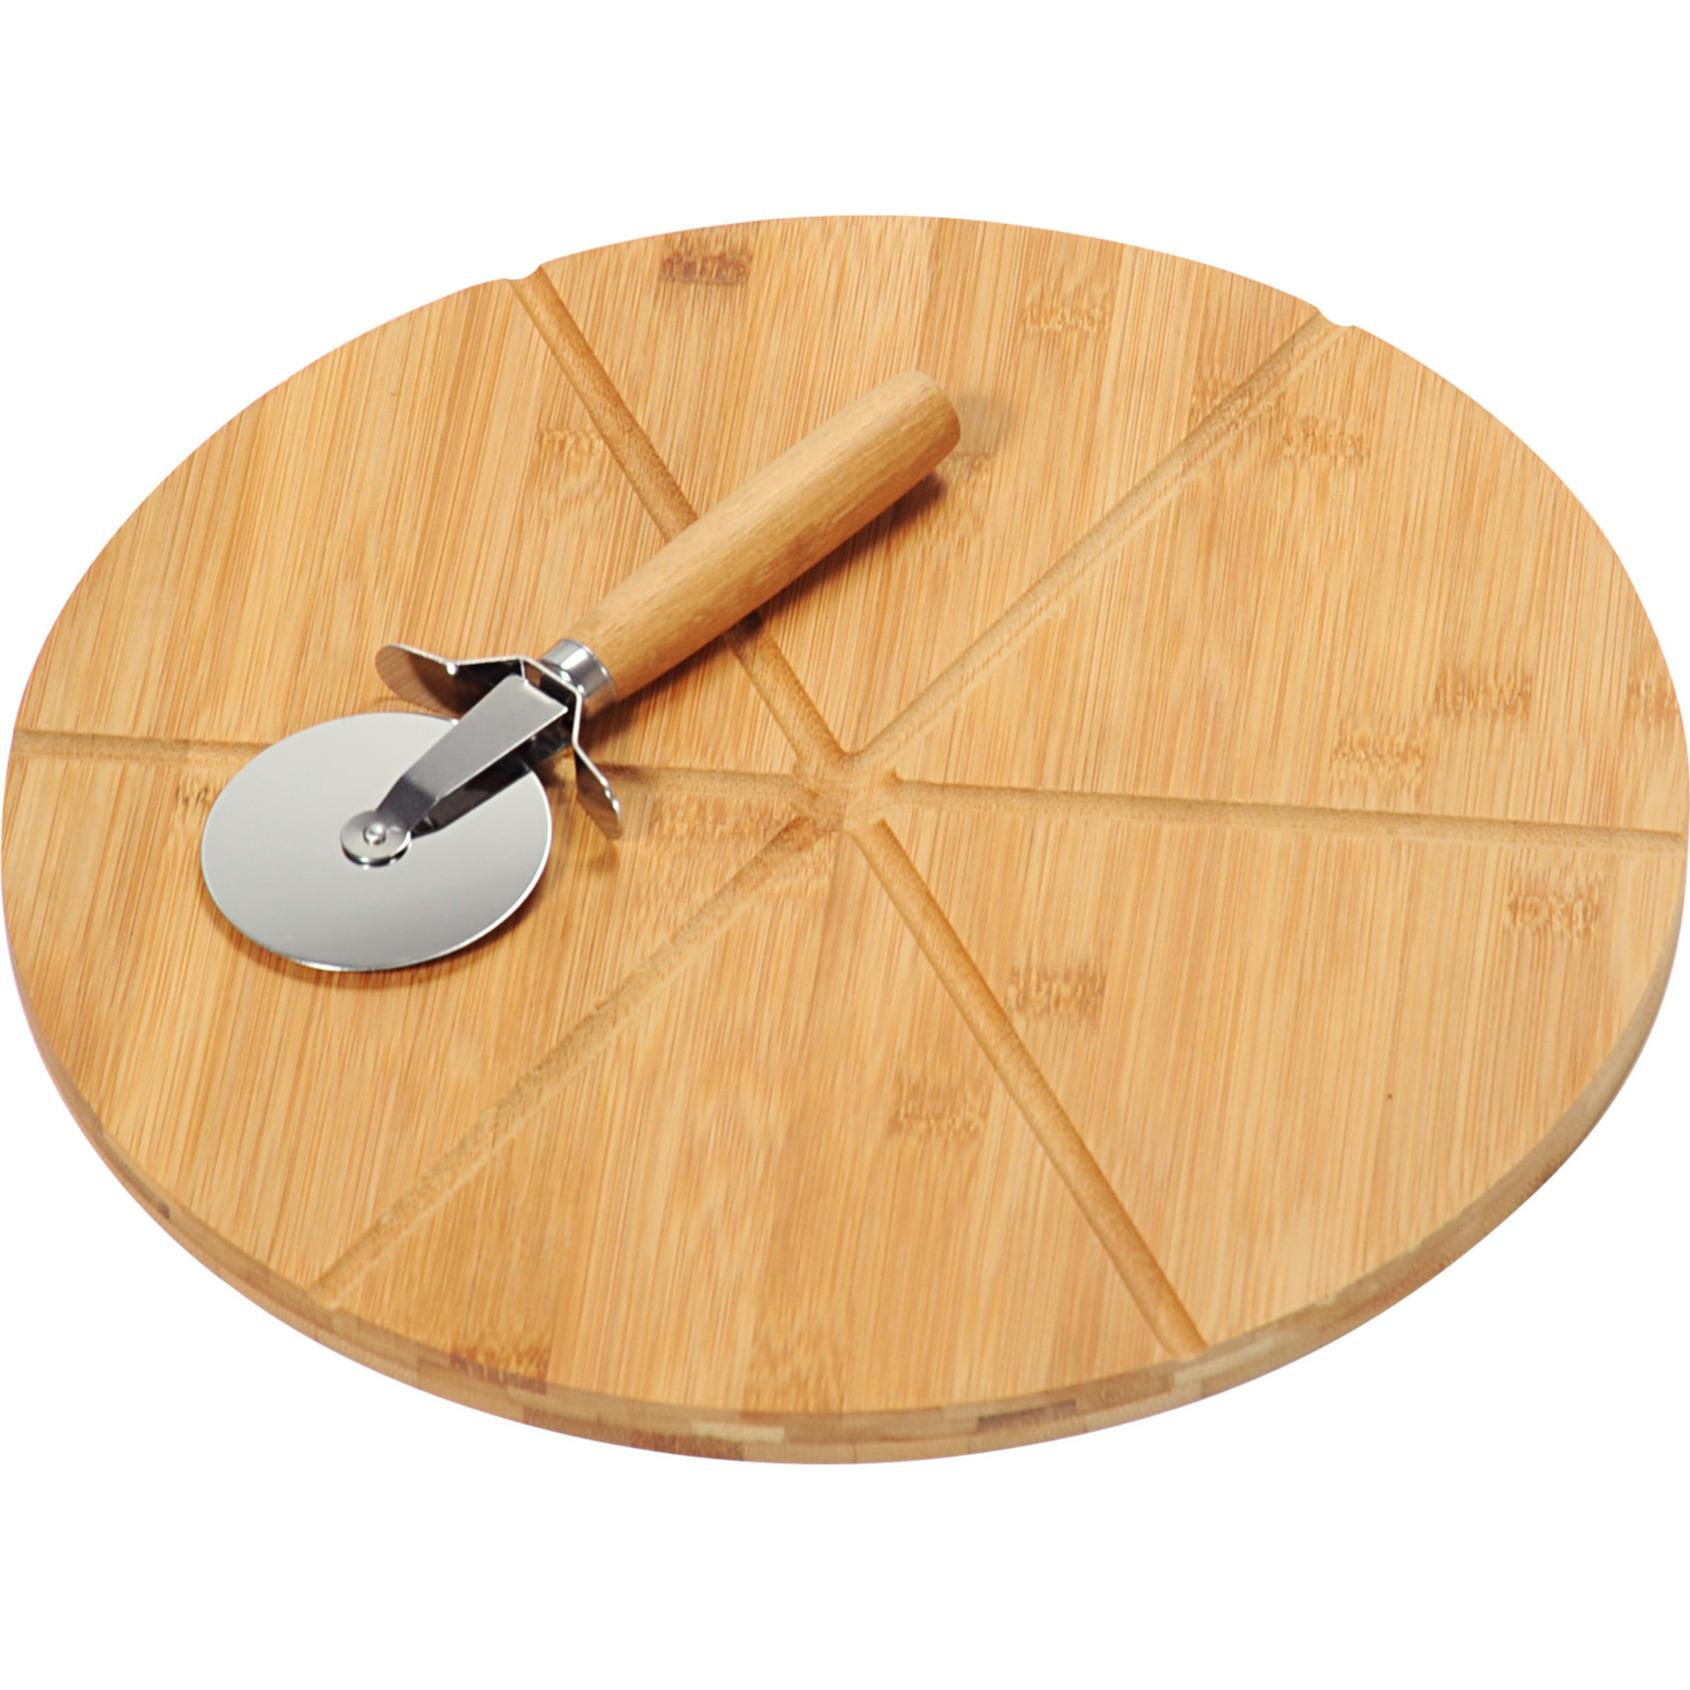 Bamboe houten pizza serveerplank met pizzasnijder 32 cm